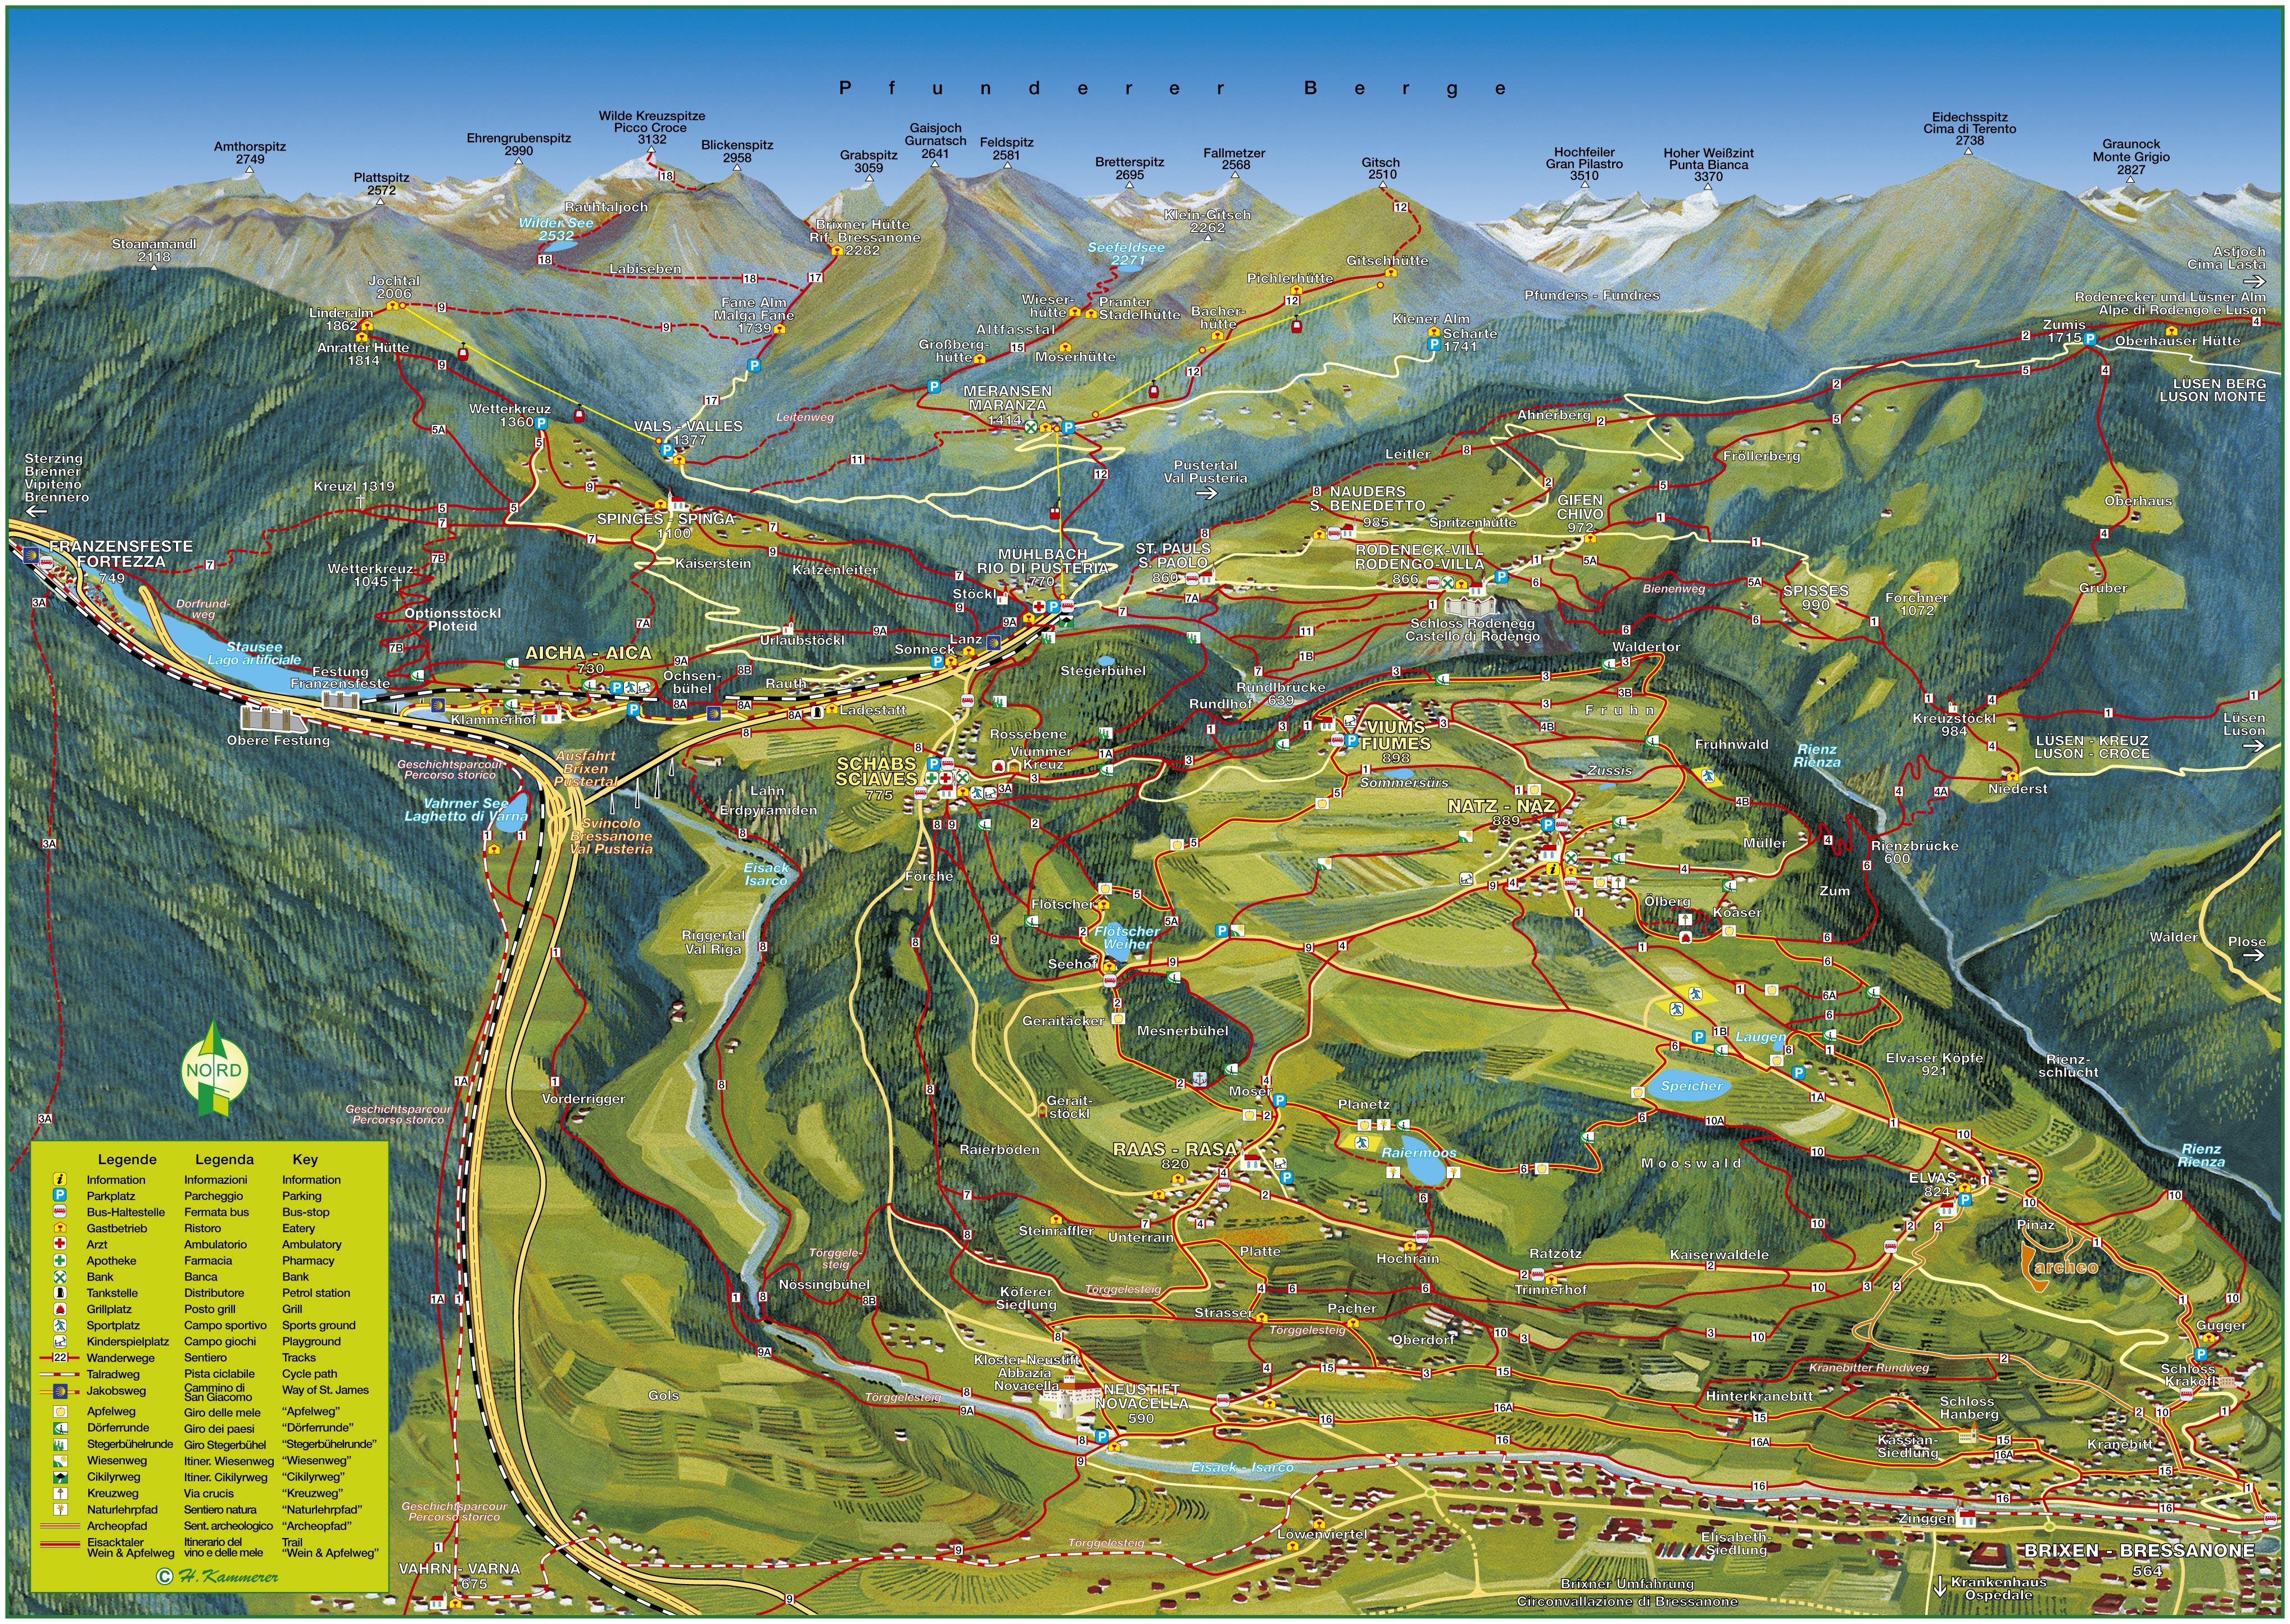 Wandern Klettern Natz Schabs In Sudtirol